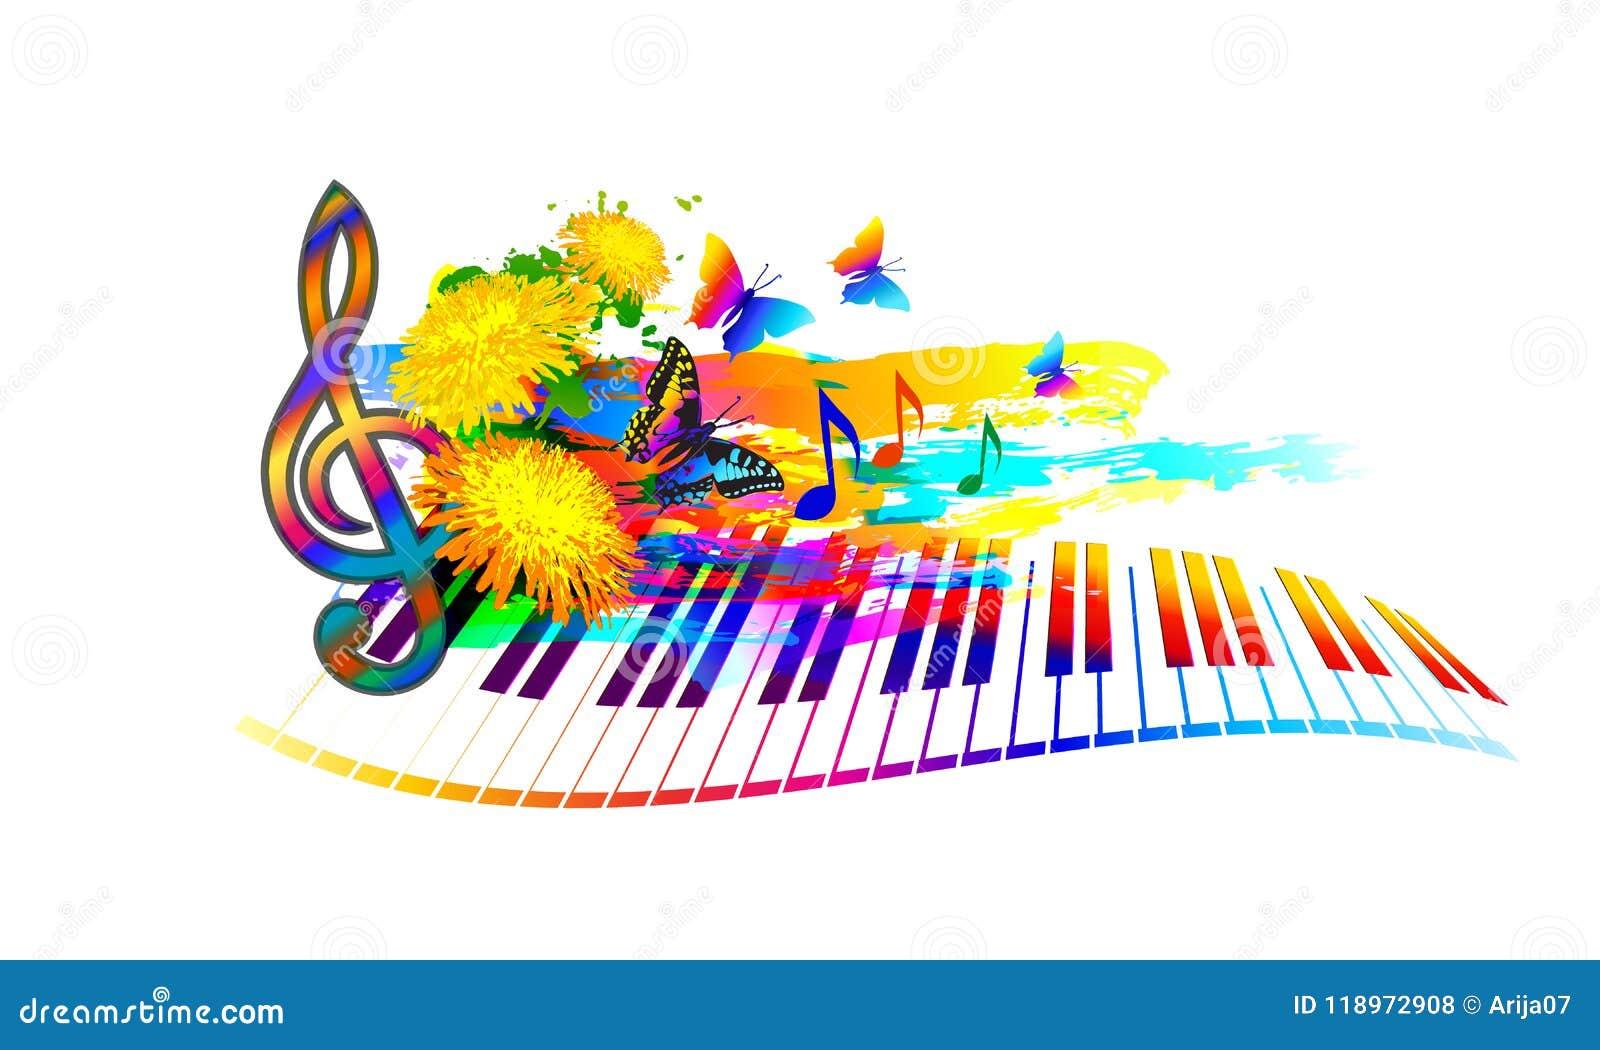 音乐夏天与琴键、花、音乐笔记和蝴蝶的节日背景